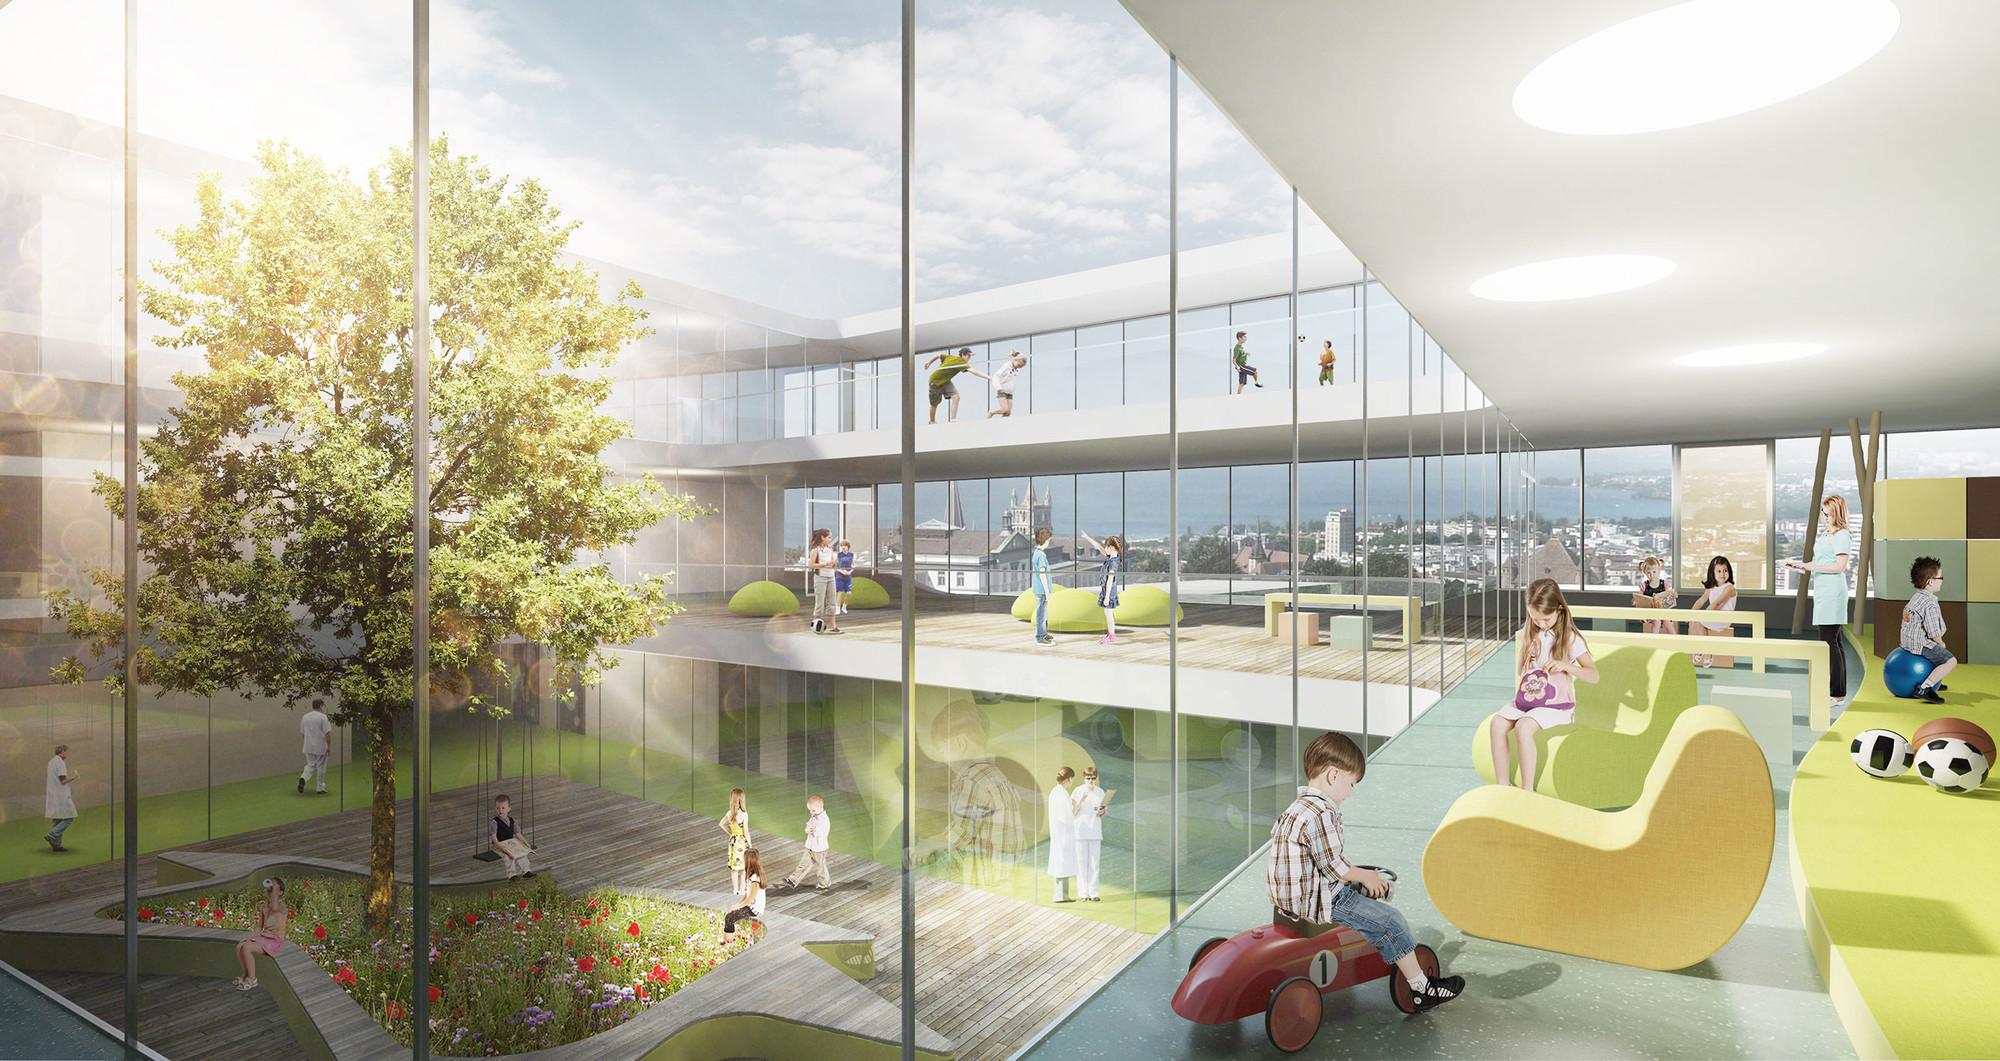 gmp gana el concurso para diseñar un Hospital de Niños en Suiza, © JB Ferrari & Associés SA